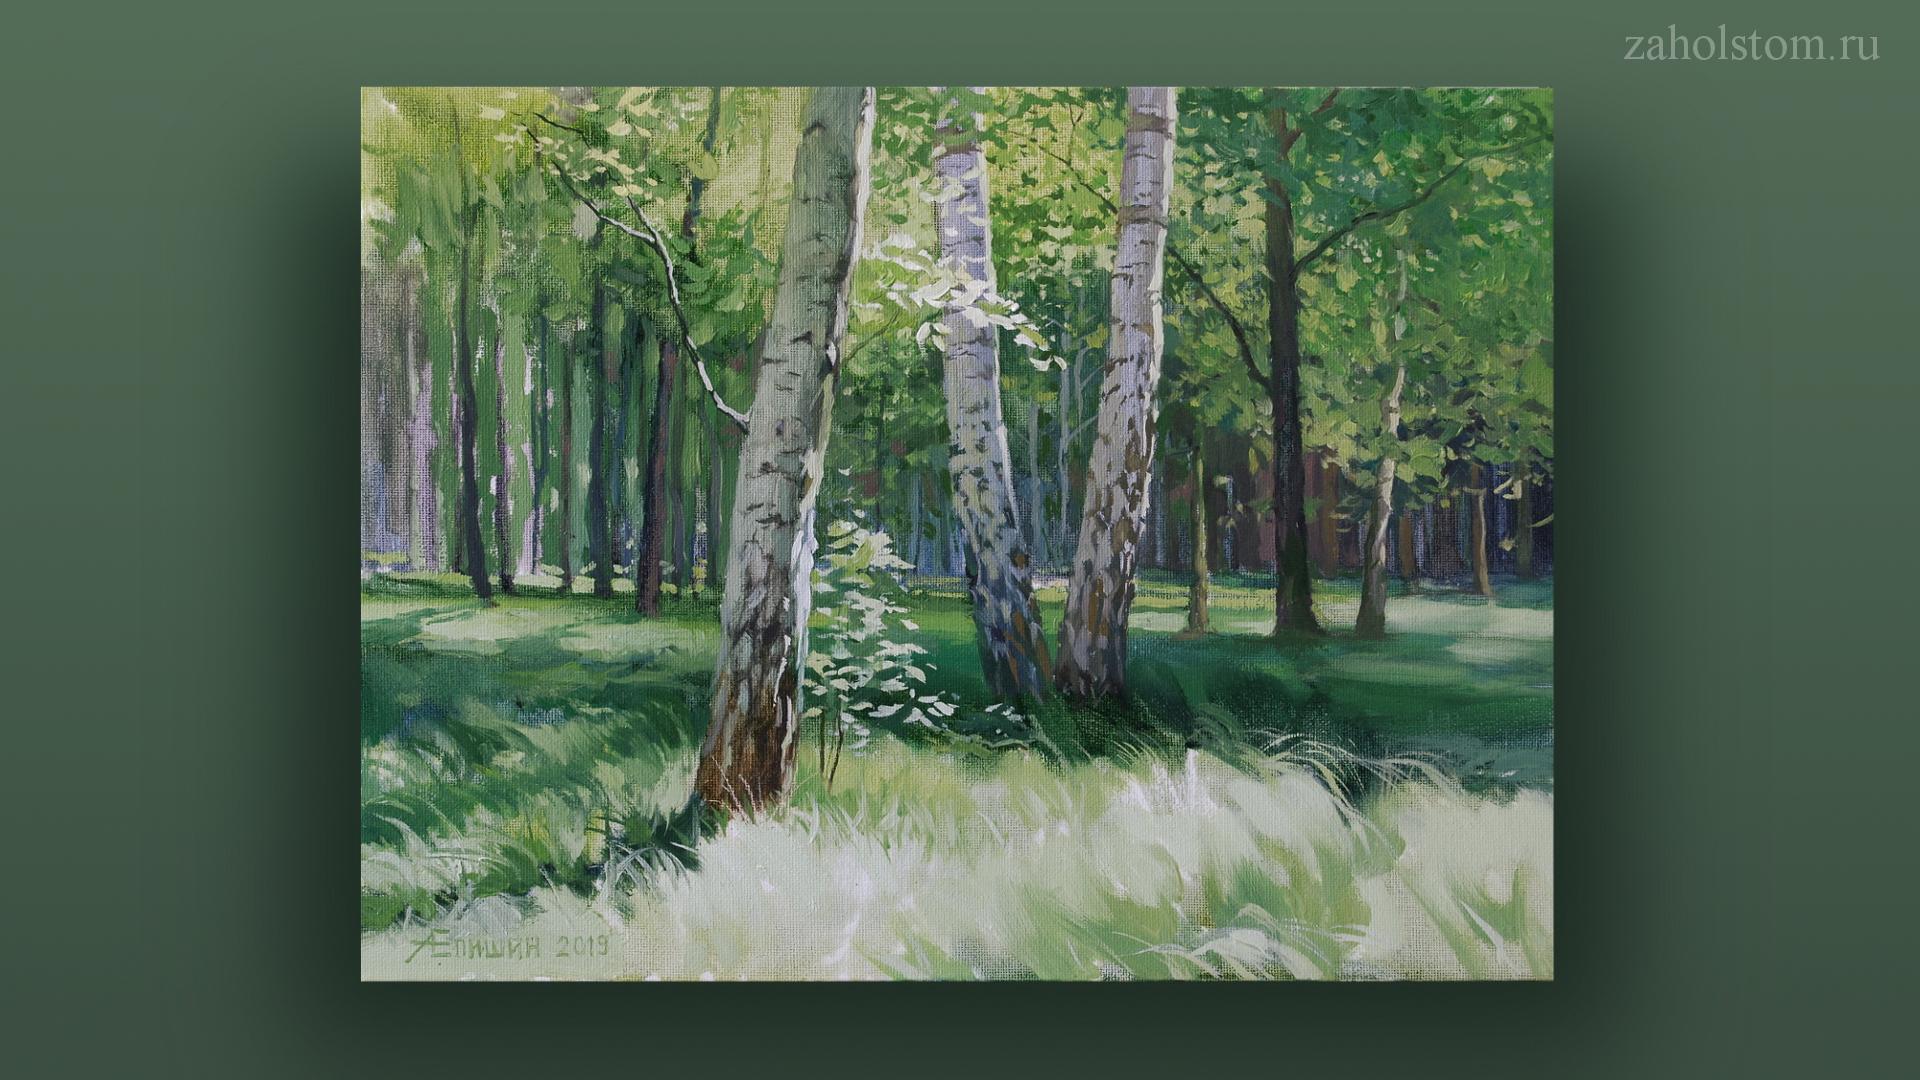 011 Светлый лес. Живопись маслом